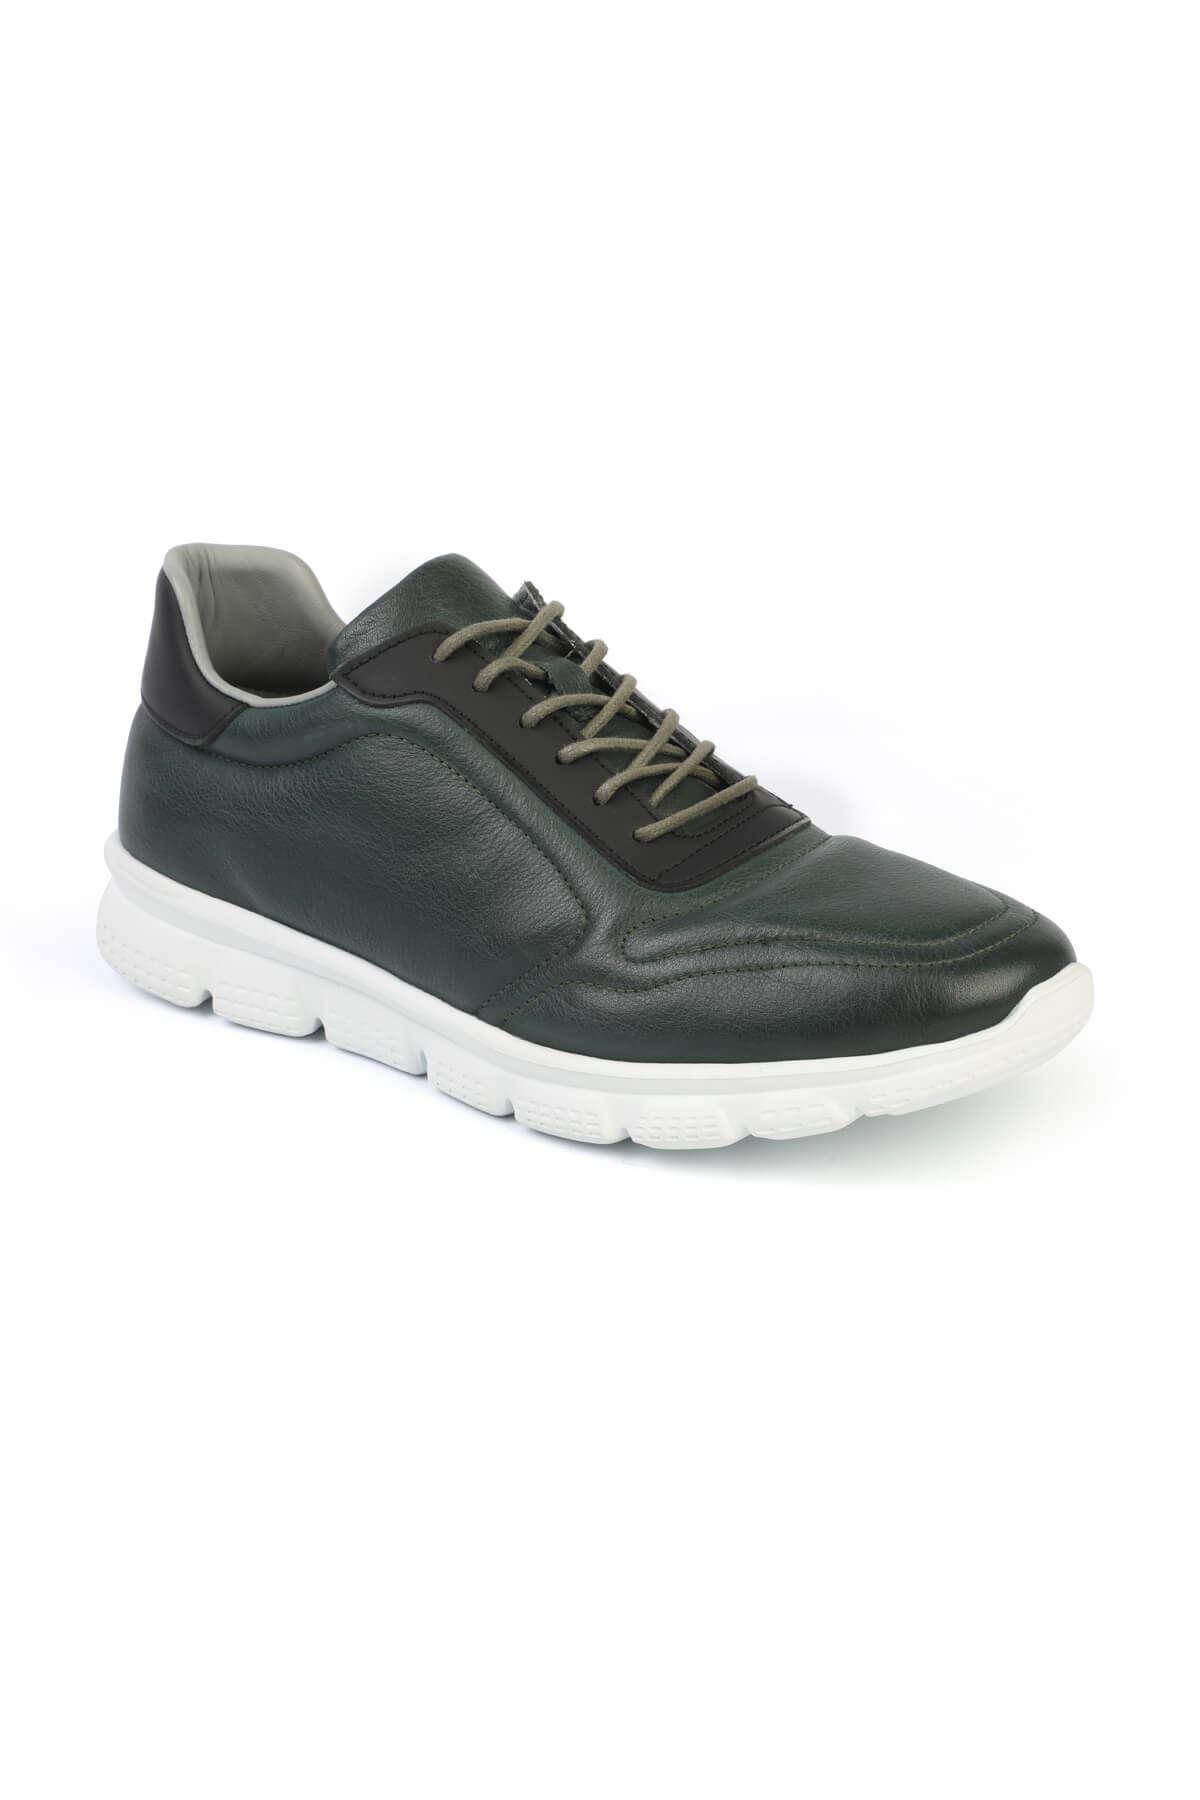 Libero 3121 Yeşil Spor Ayakkabı